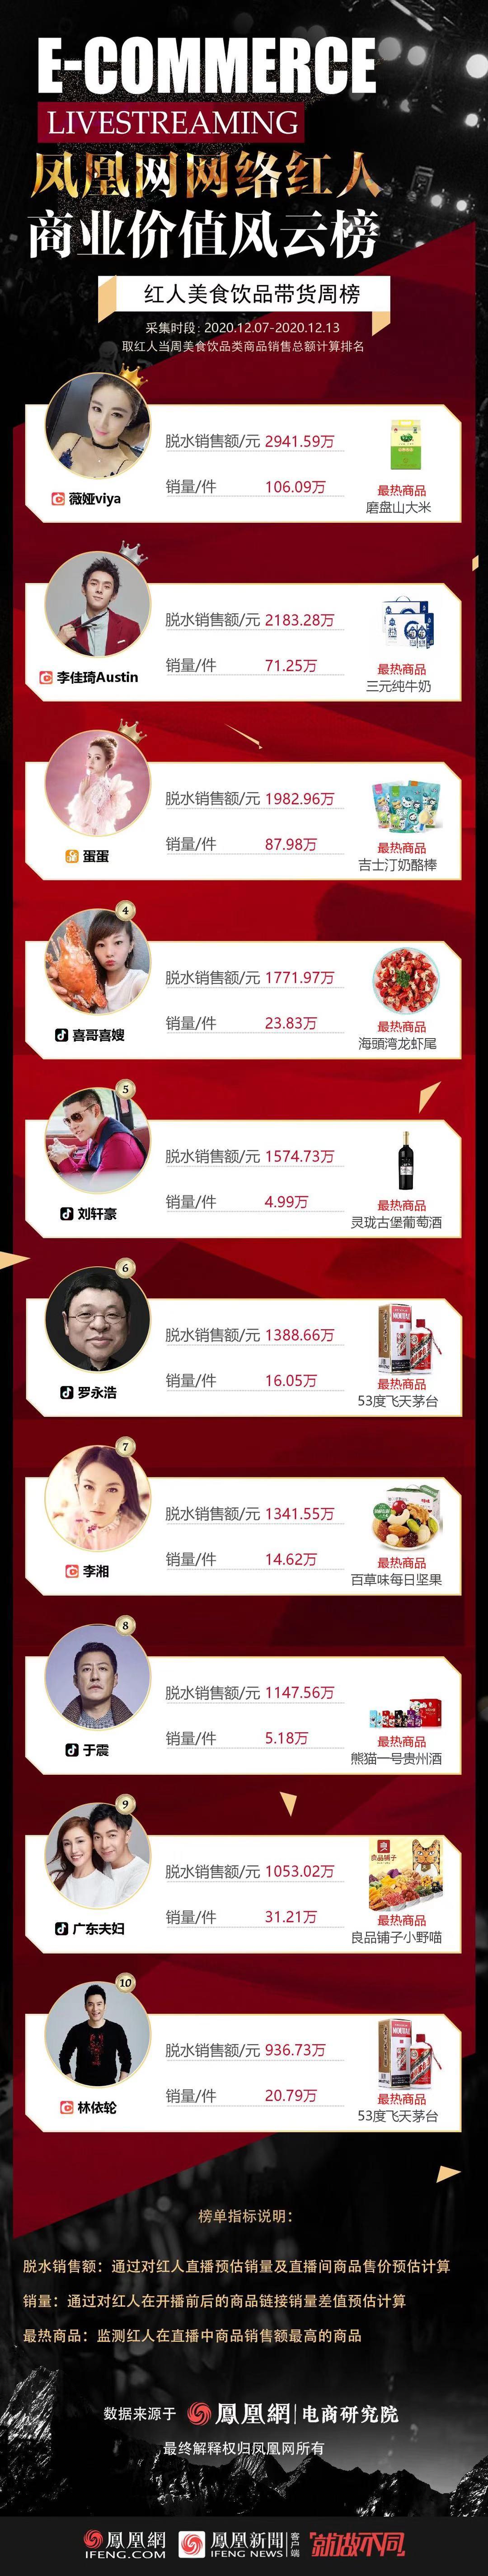 红人美食饮品带货GMV排行榜TOP10